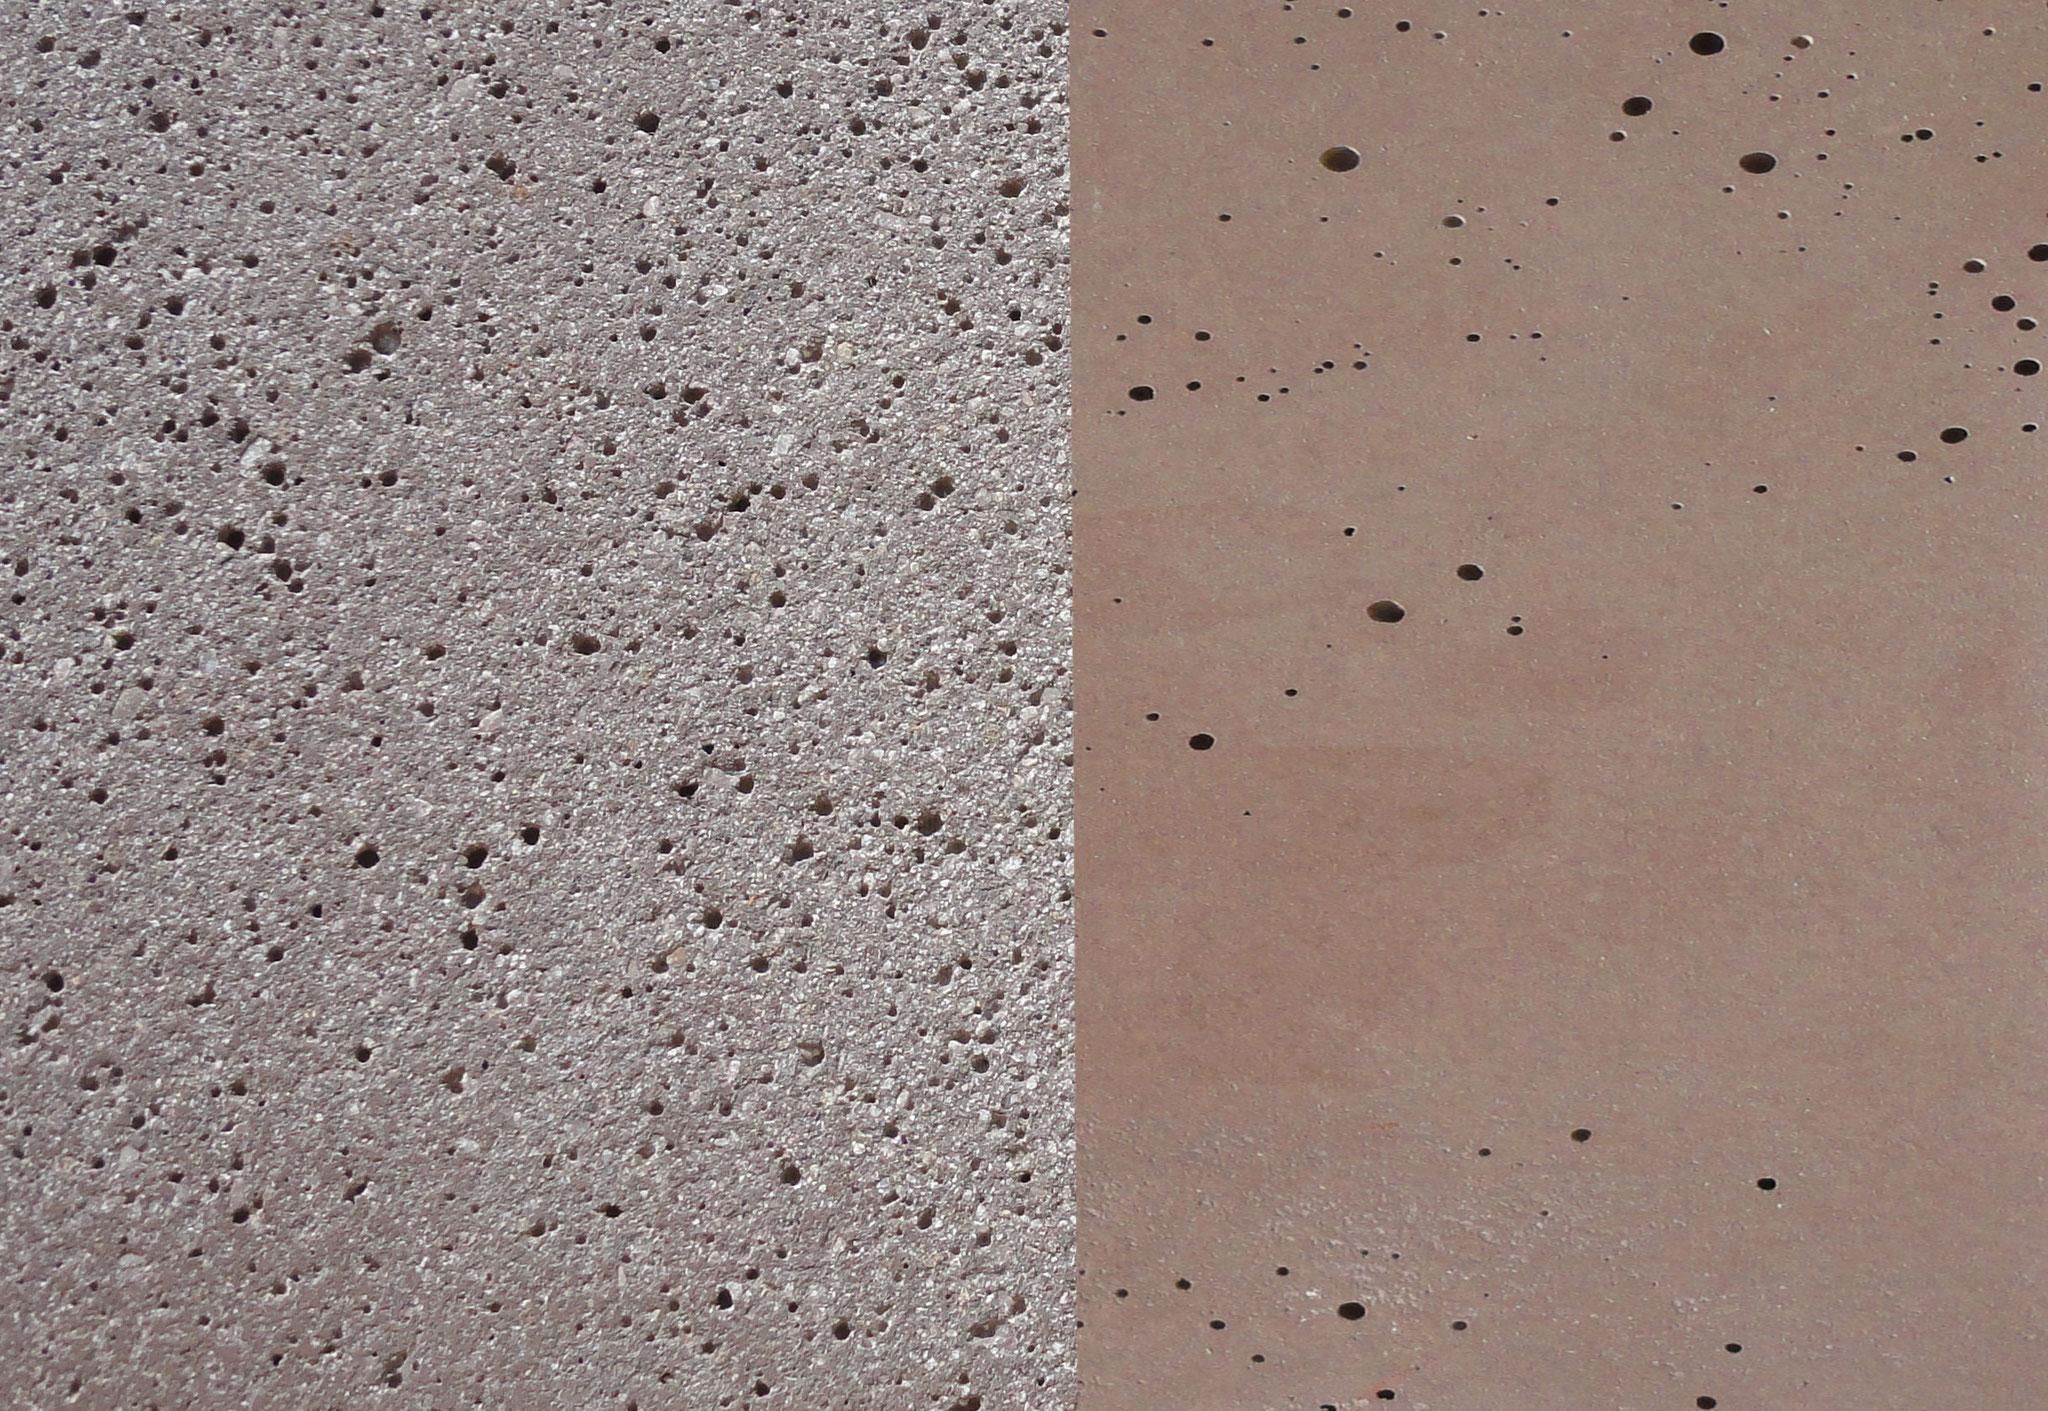 Farbe: grau-braun, Farbnummer: 8, sandgestrahlt/schalrein